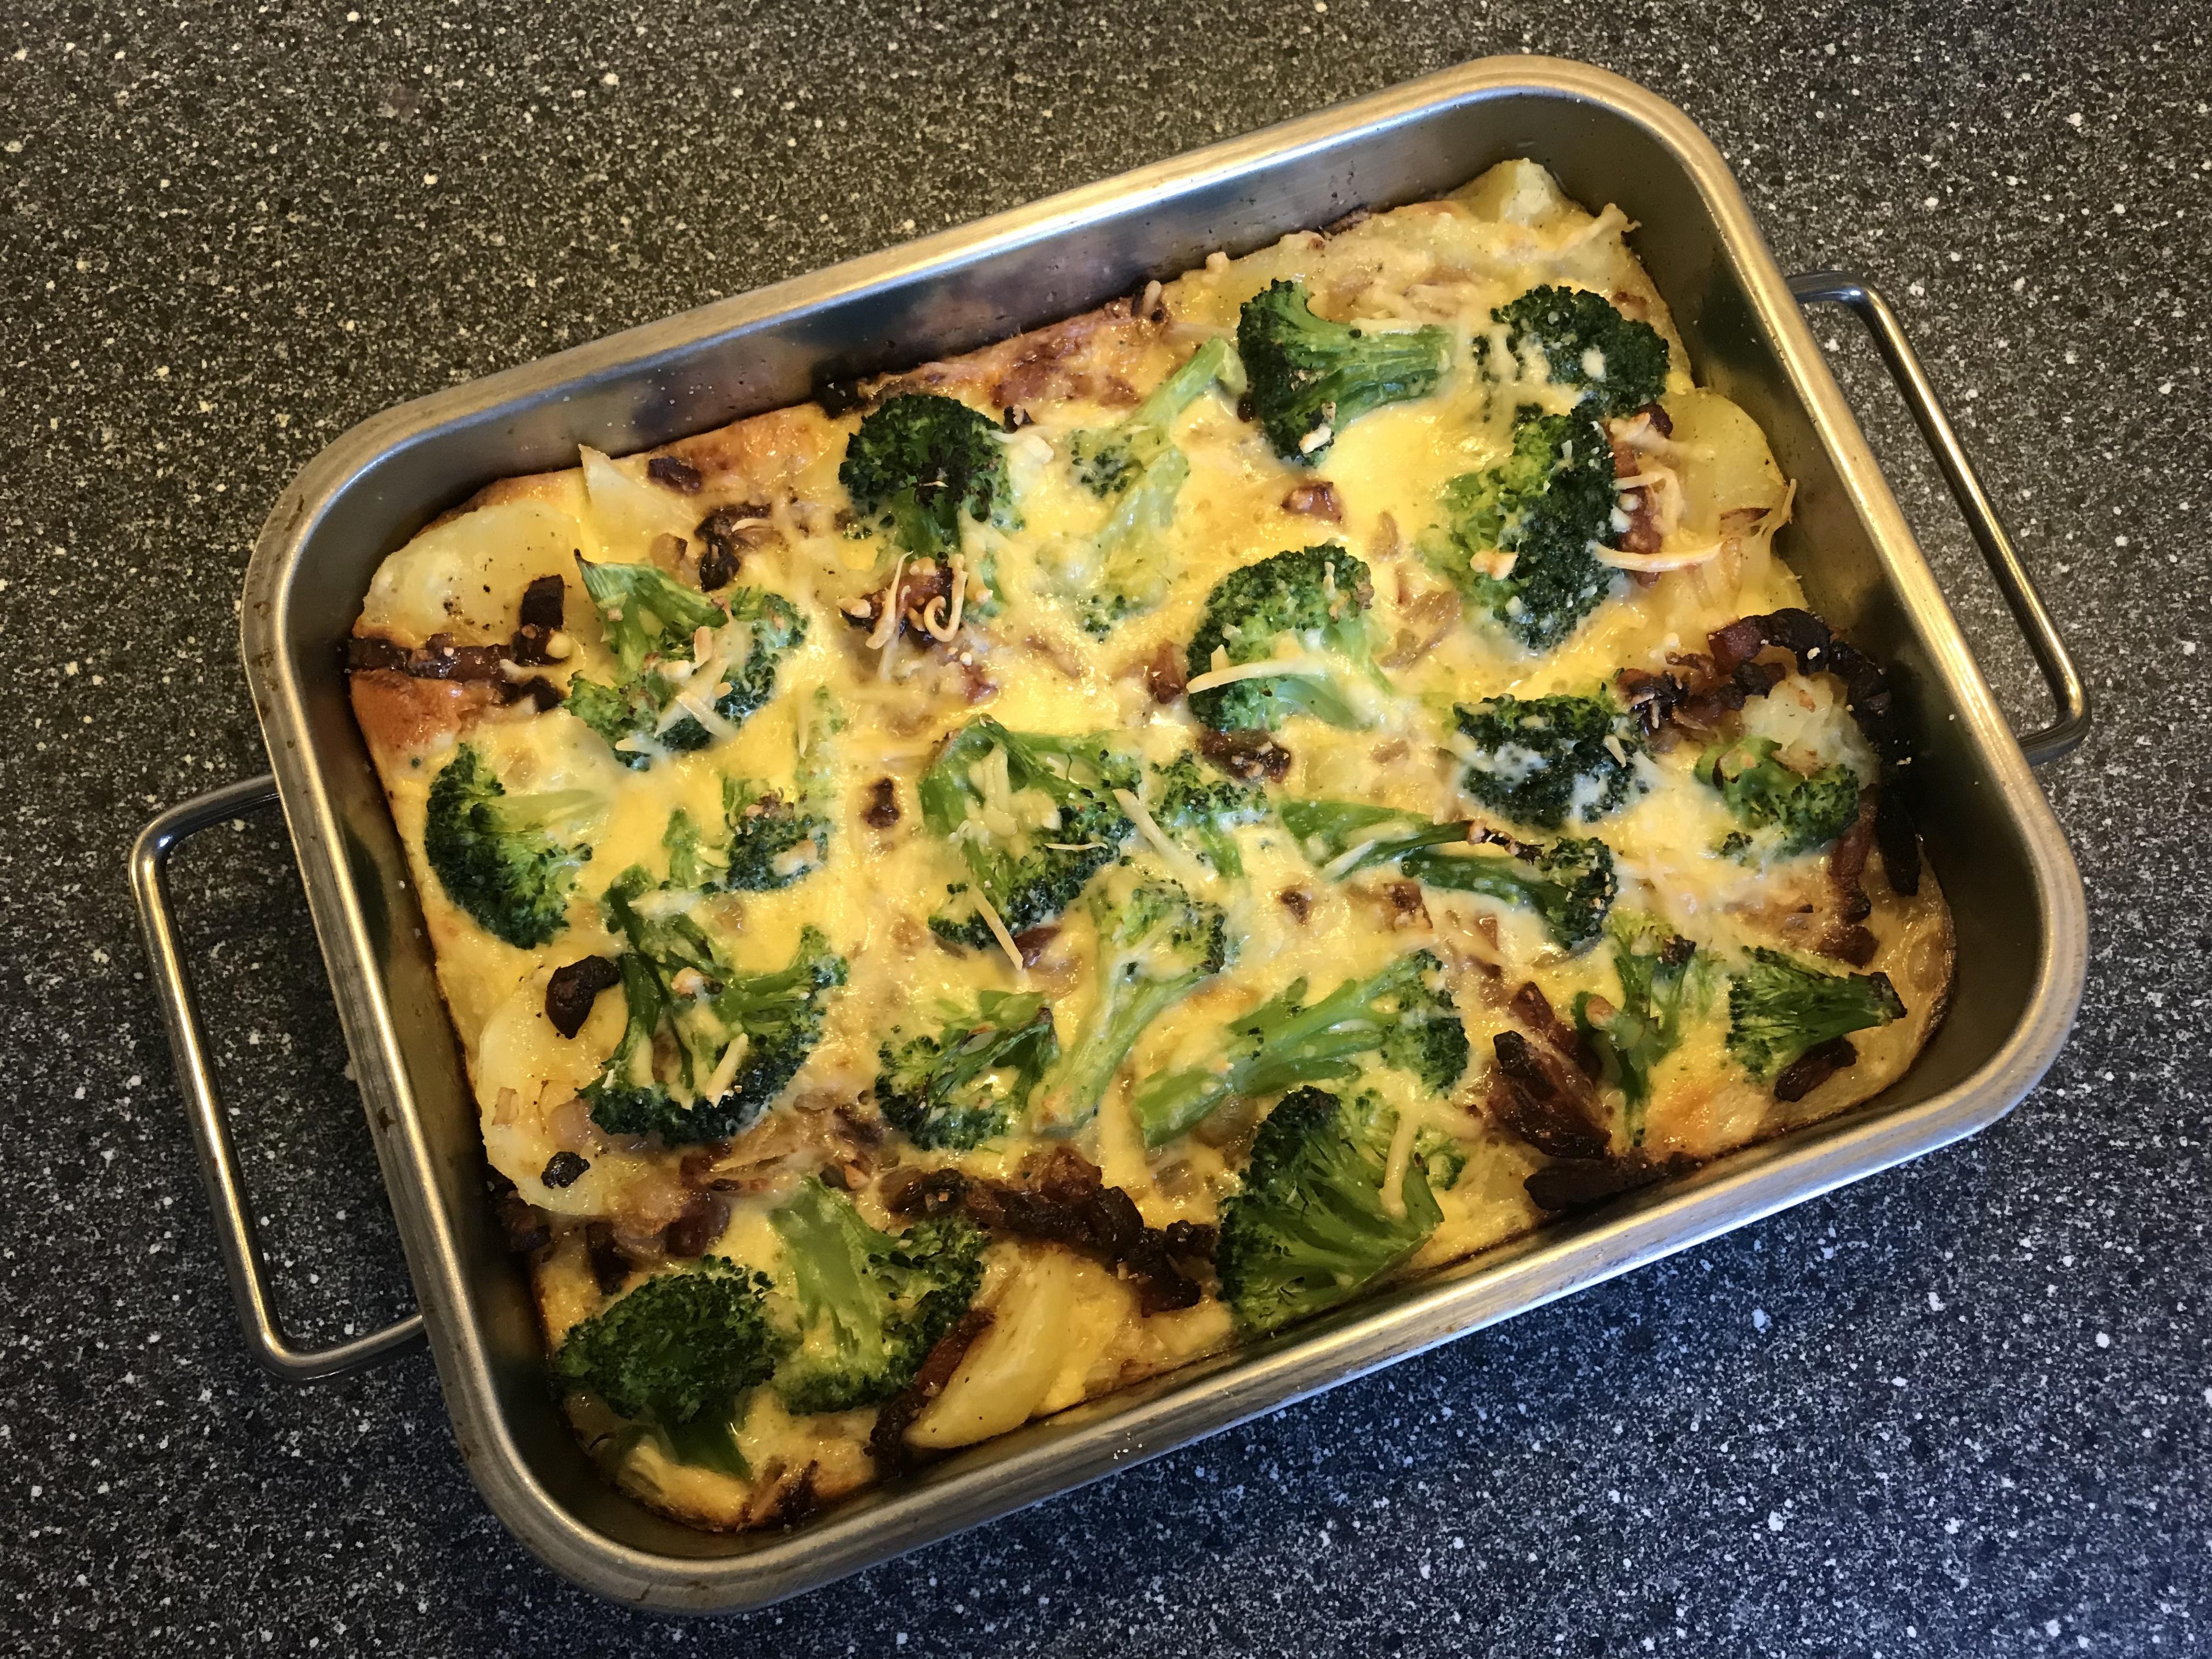 aardappel-broccoli schotel